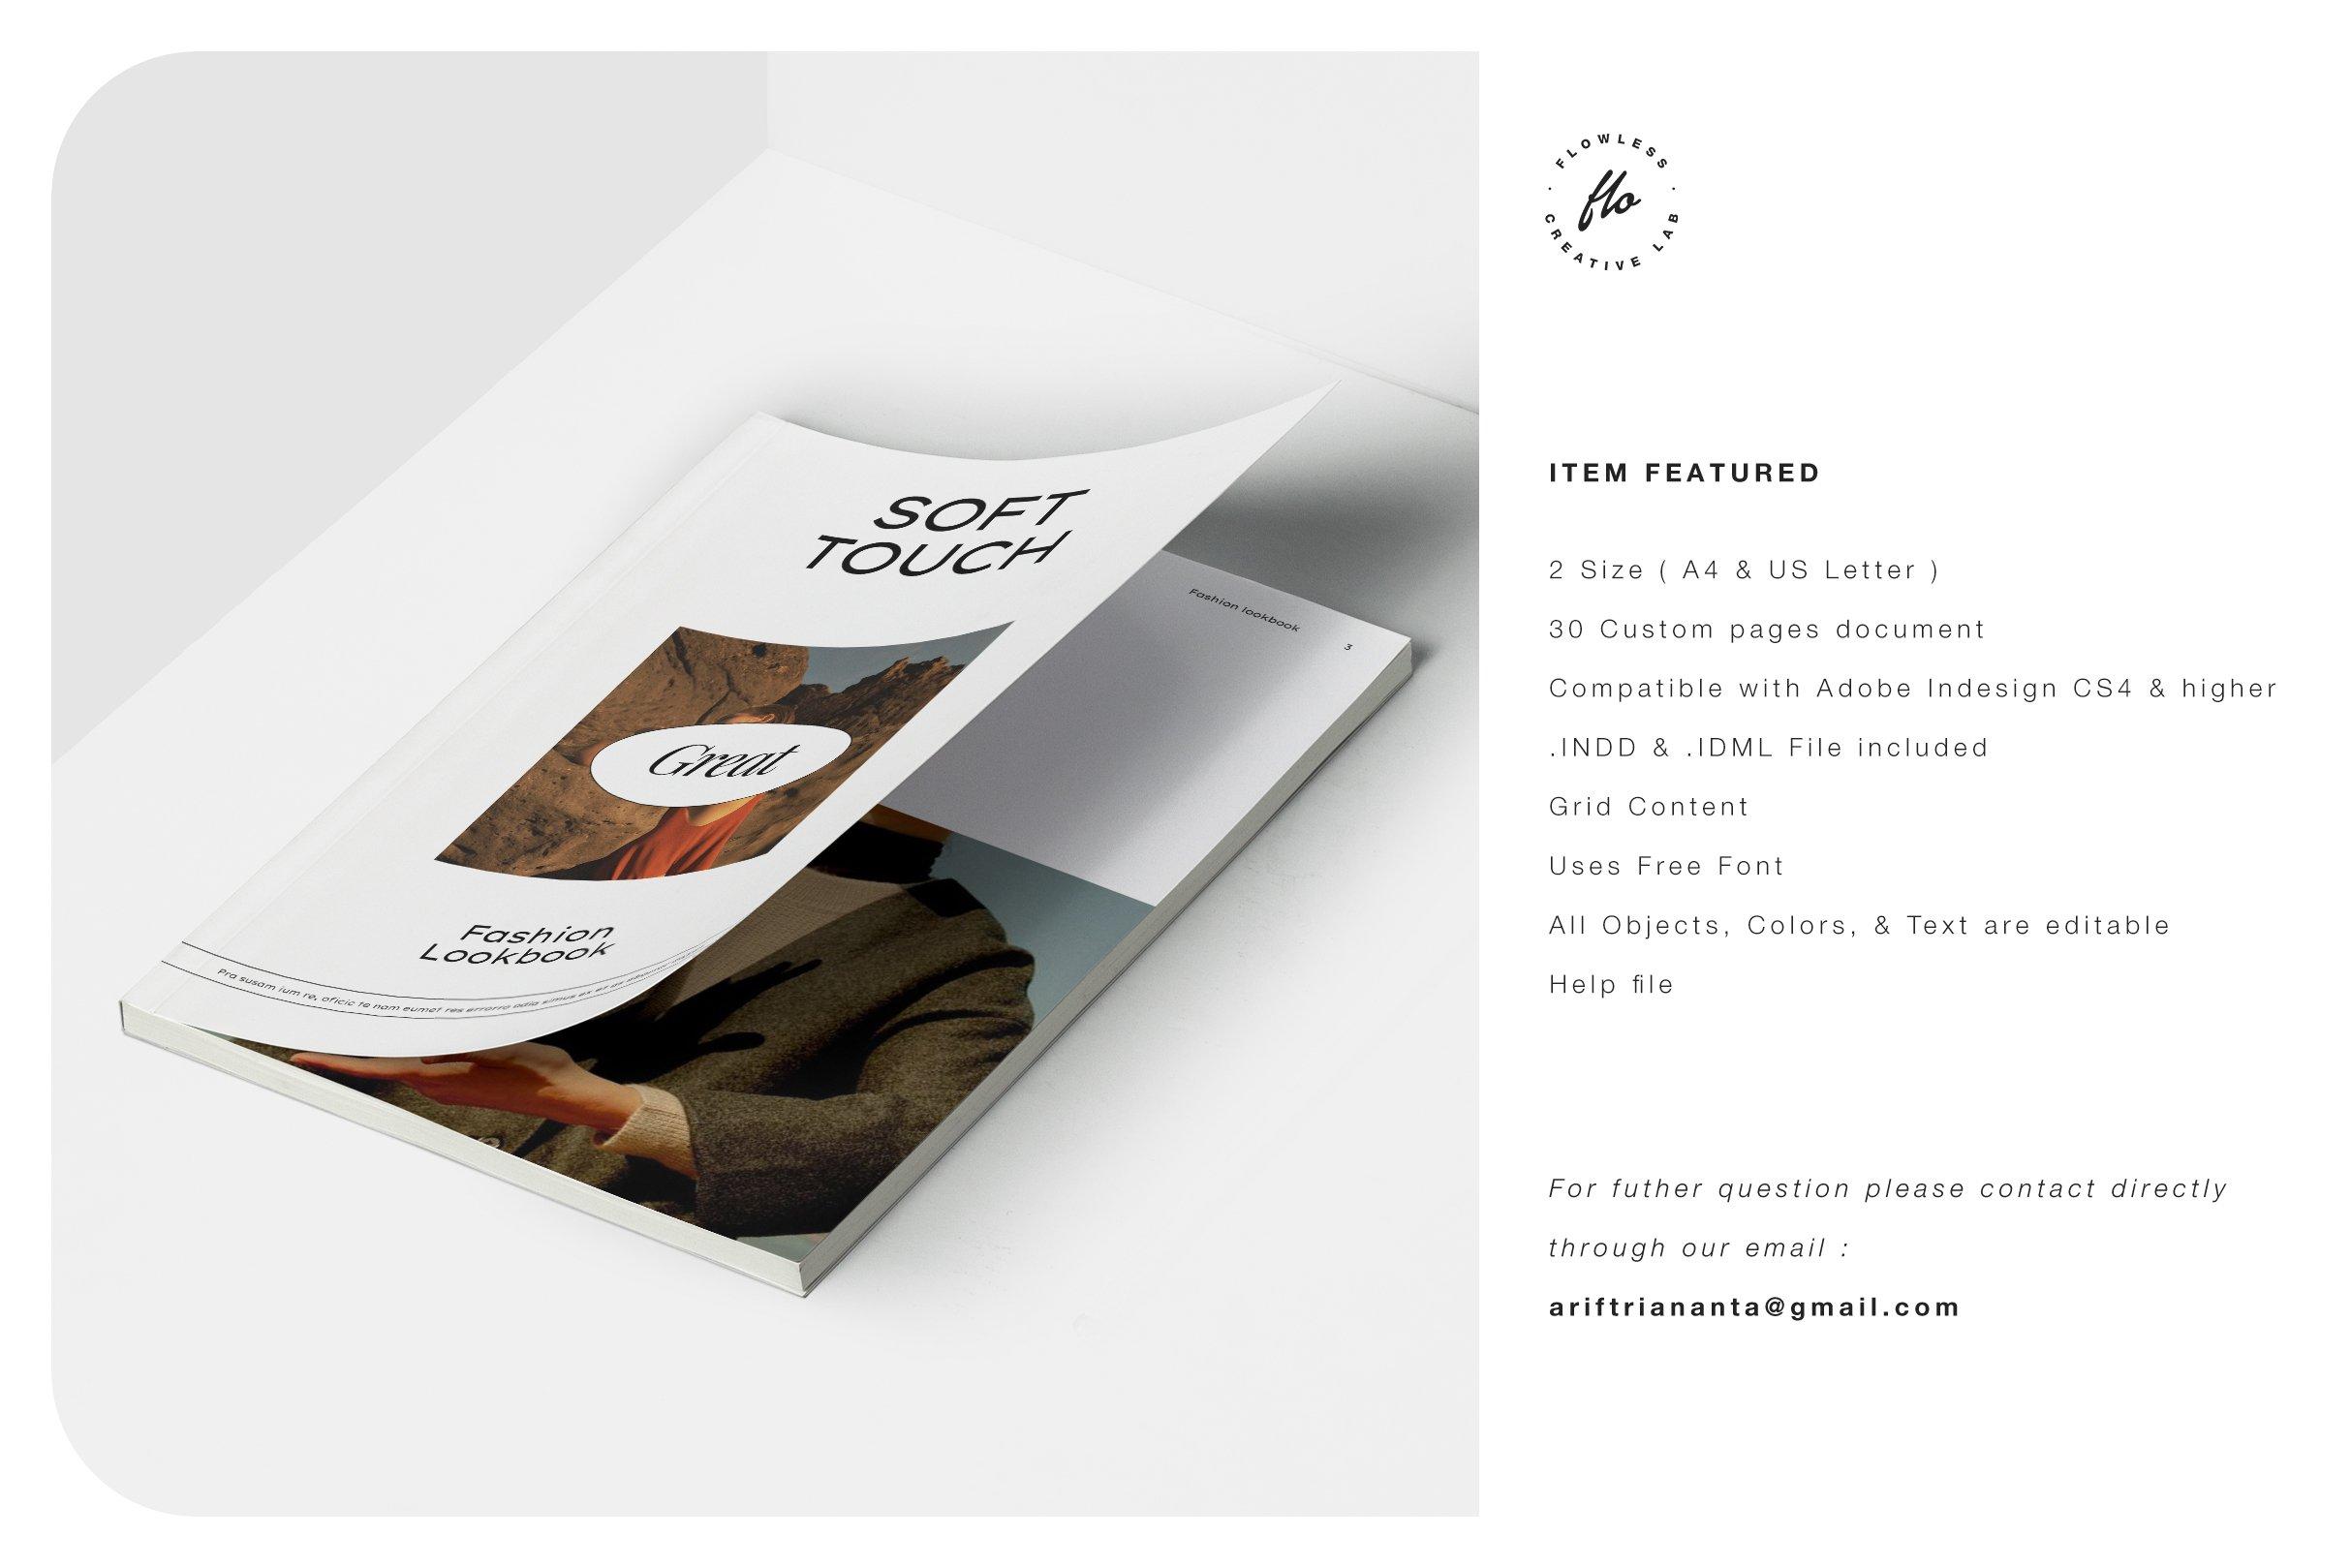 极简服装造型设计INDD画册模板 SOFT TOUCH Fashion Lookbook插图(5)